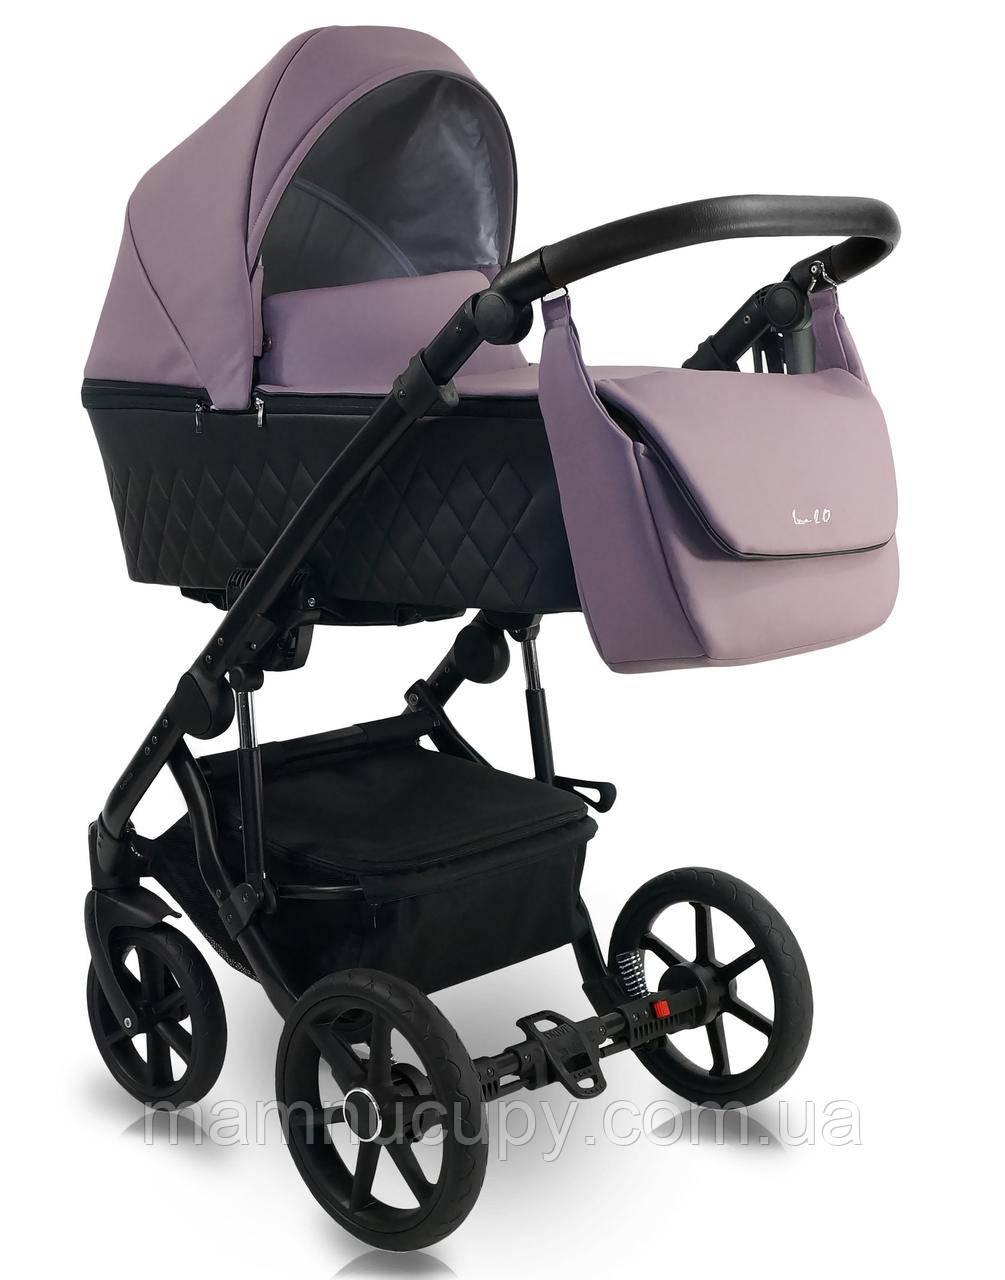 Детская универсальная детская коляска 2 в 1 Bexa Line 2.0 Eco L104 (бекса лайн эко)